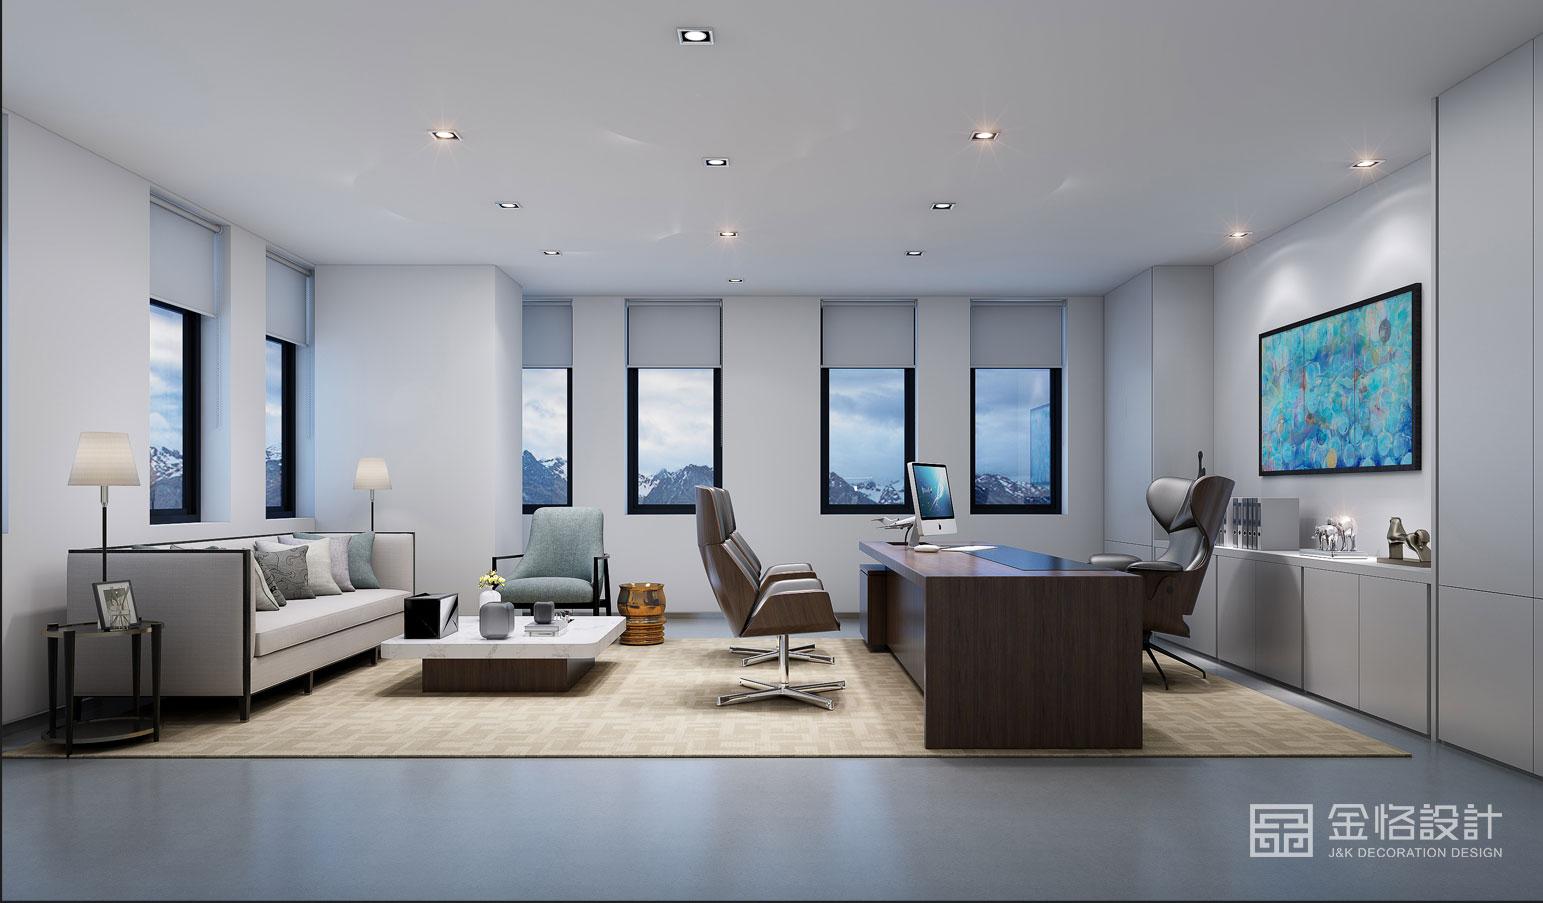 中大型办公室设计需注意5大要点